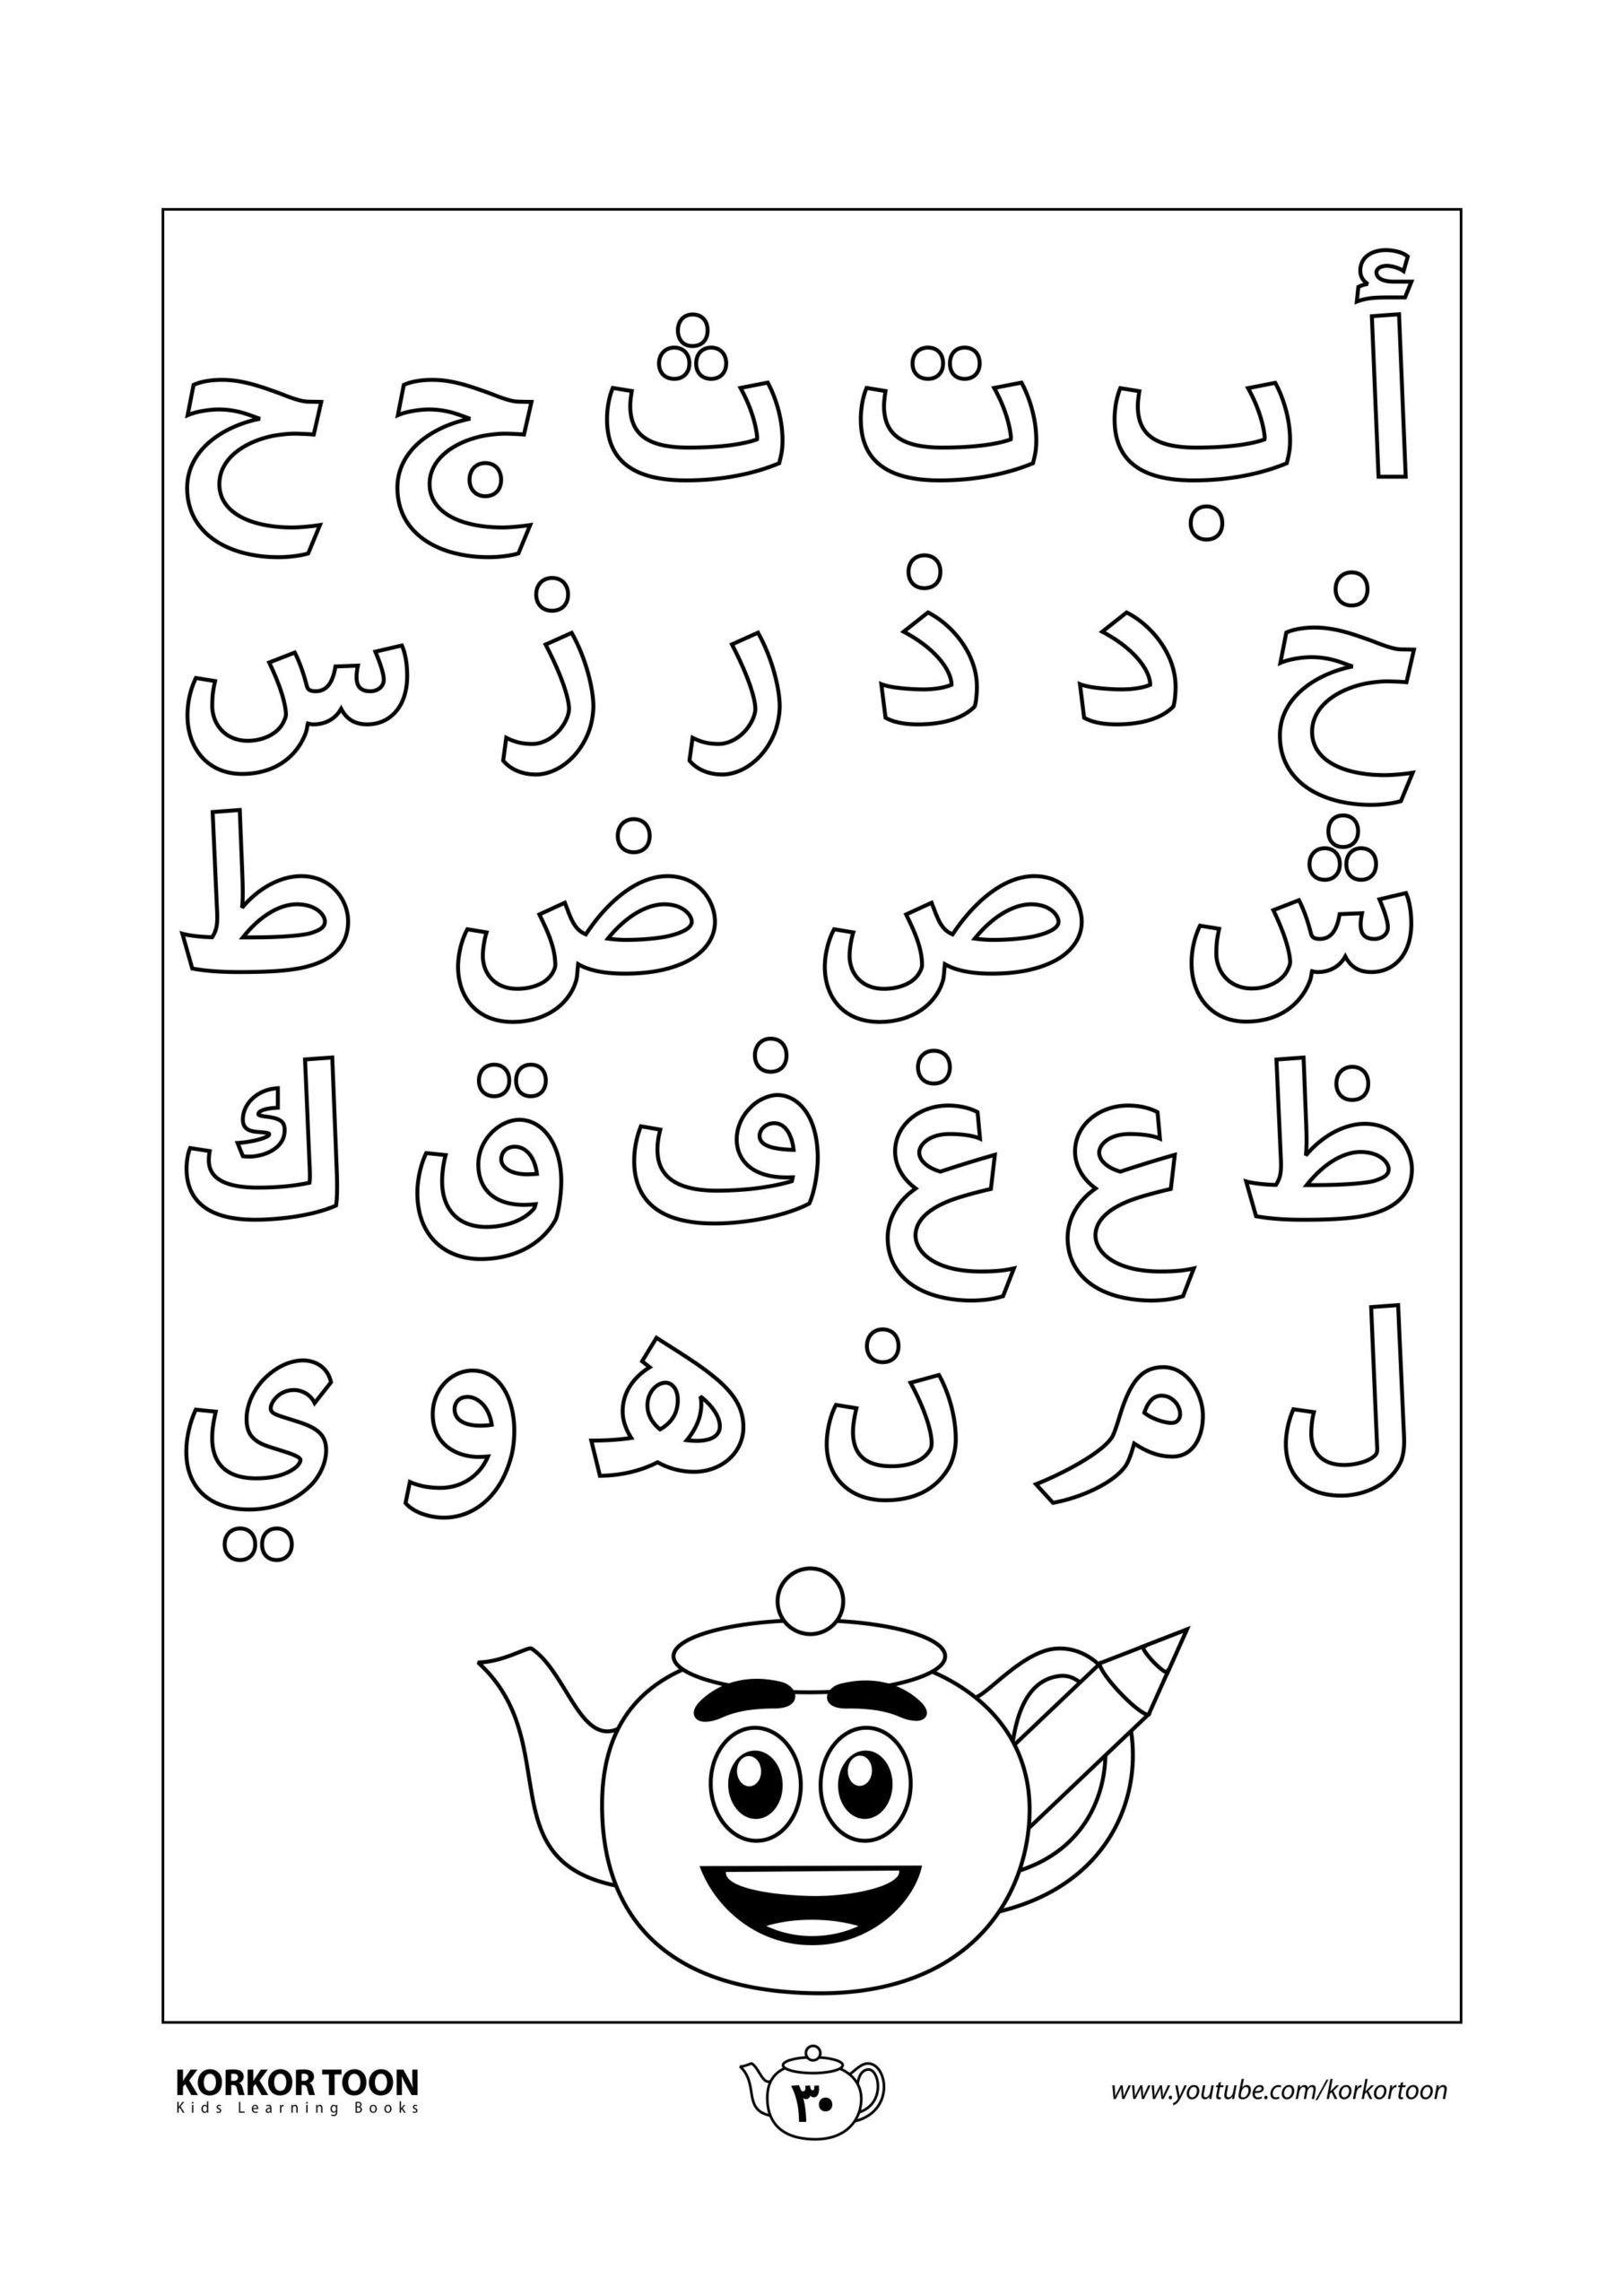 Arabic Worksheets For Kindergarten Worksheet For Kindergarten Alphabet Worksheets Preschool Alphabet Tracing Worksheets Alphabet Worksheets Kindergarten